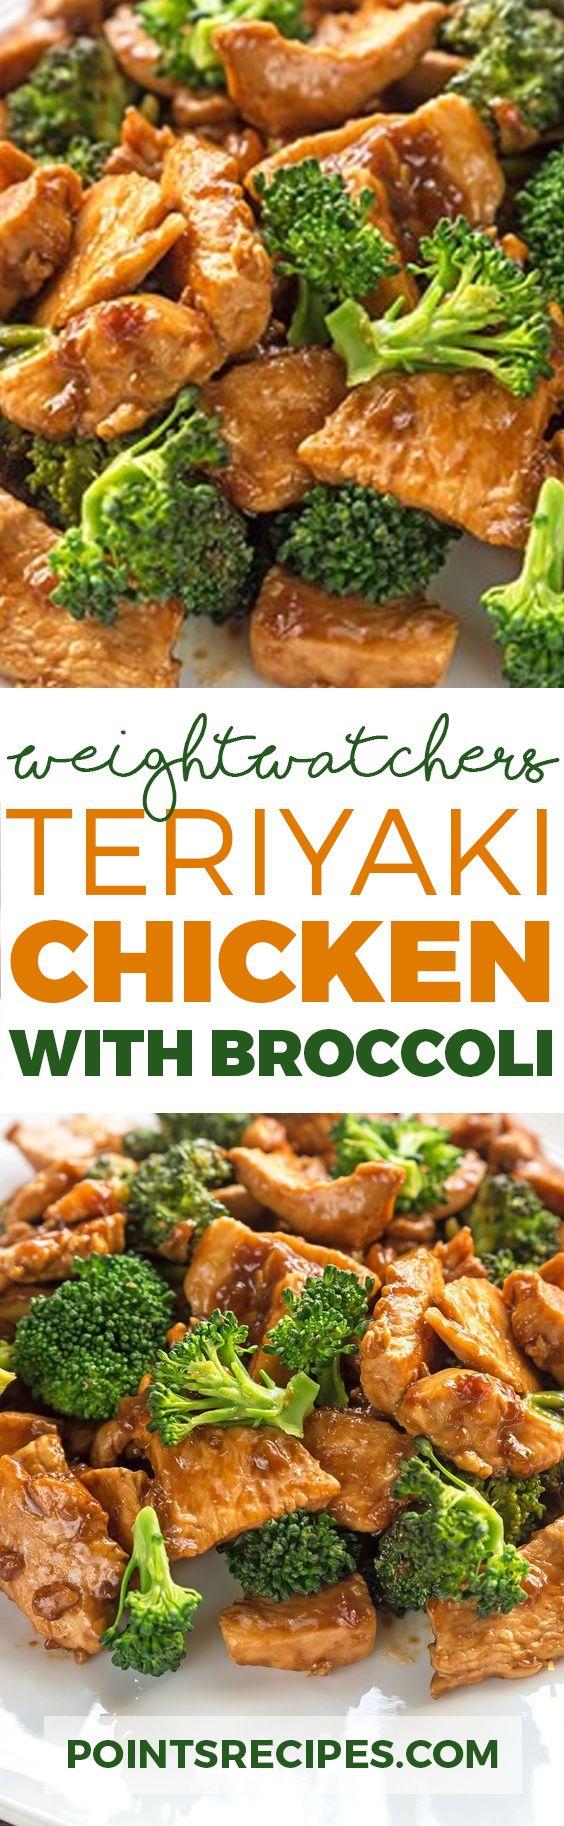 Teriyaki Chicken with Broccoli (Weight Watchers SmartPoints)